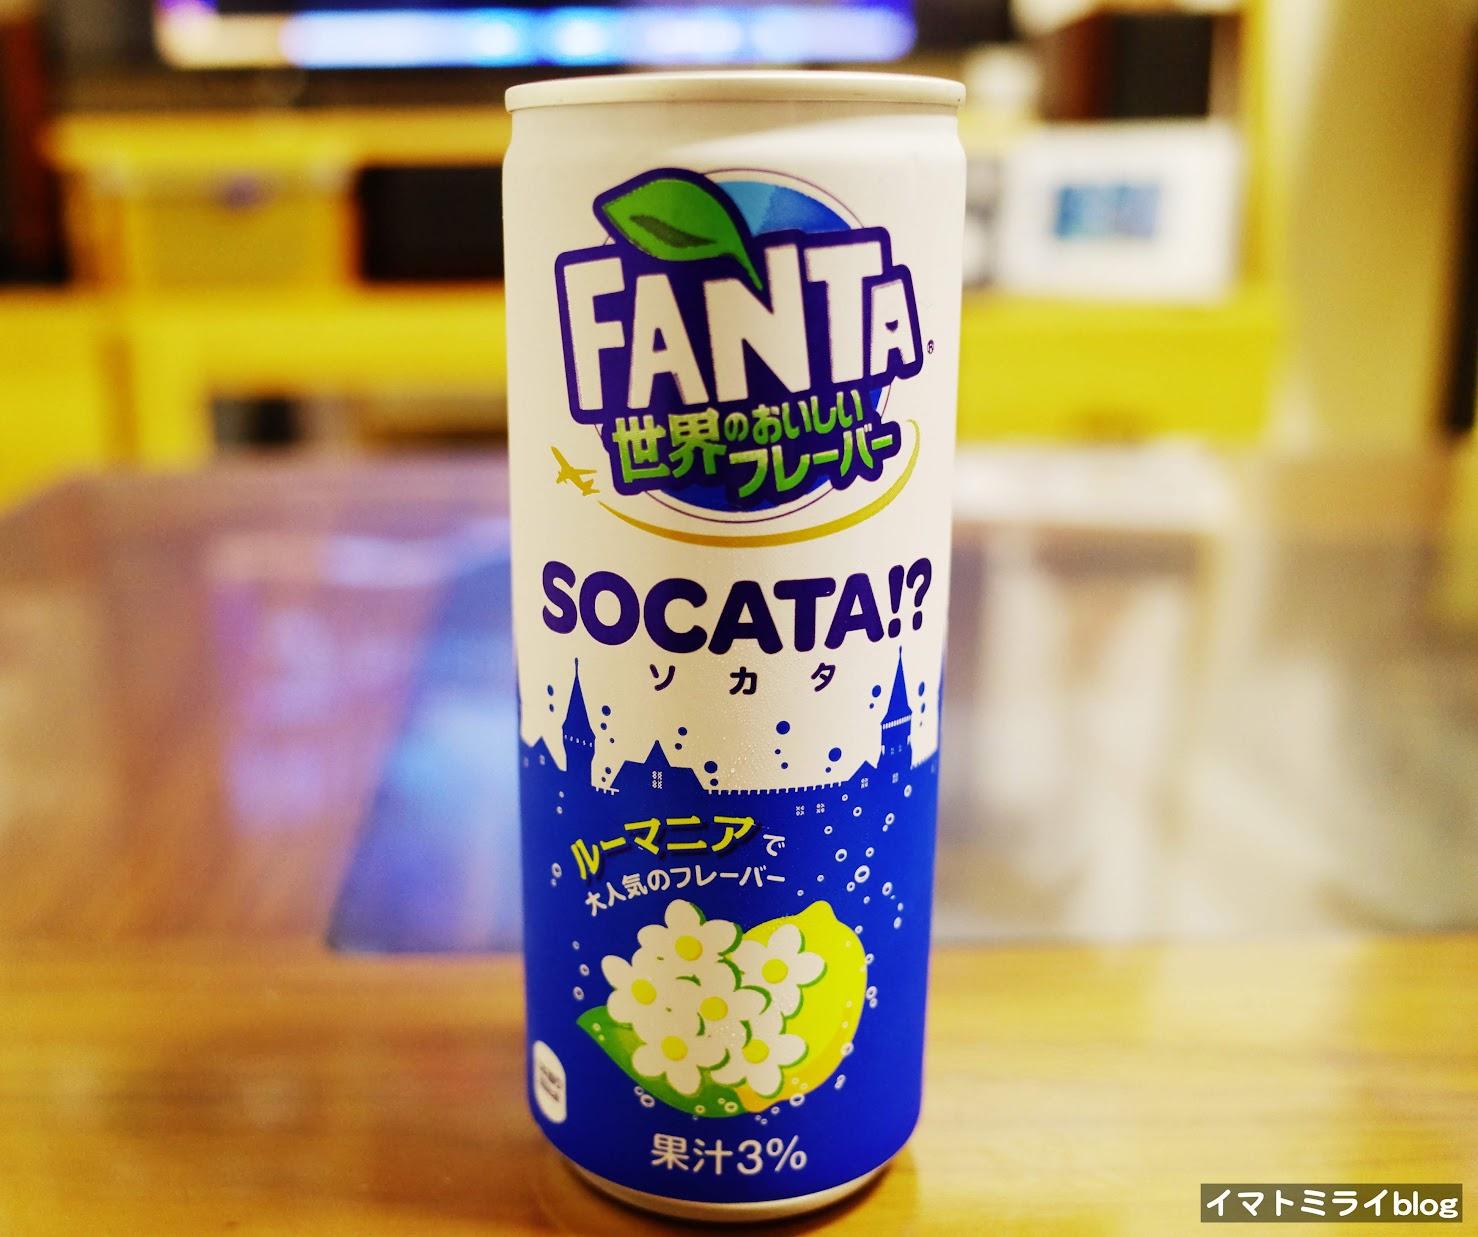 ファンタ ソカタ 自販機